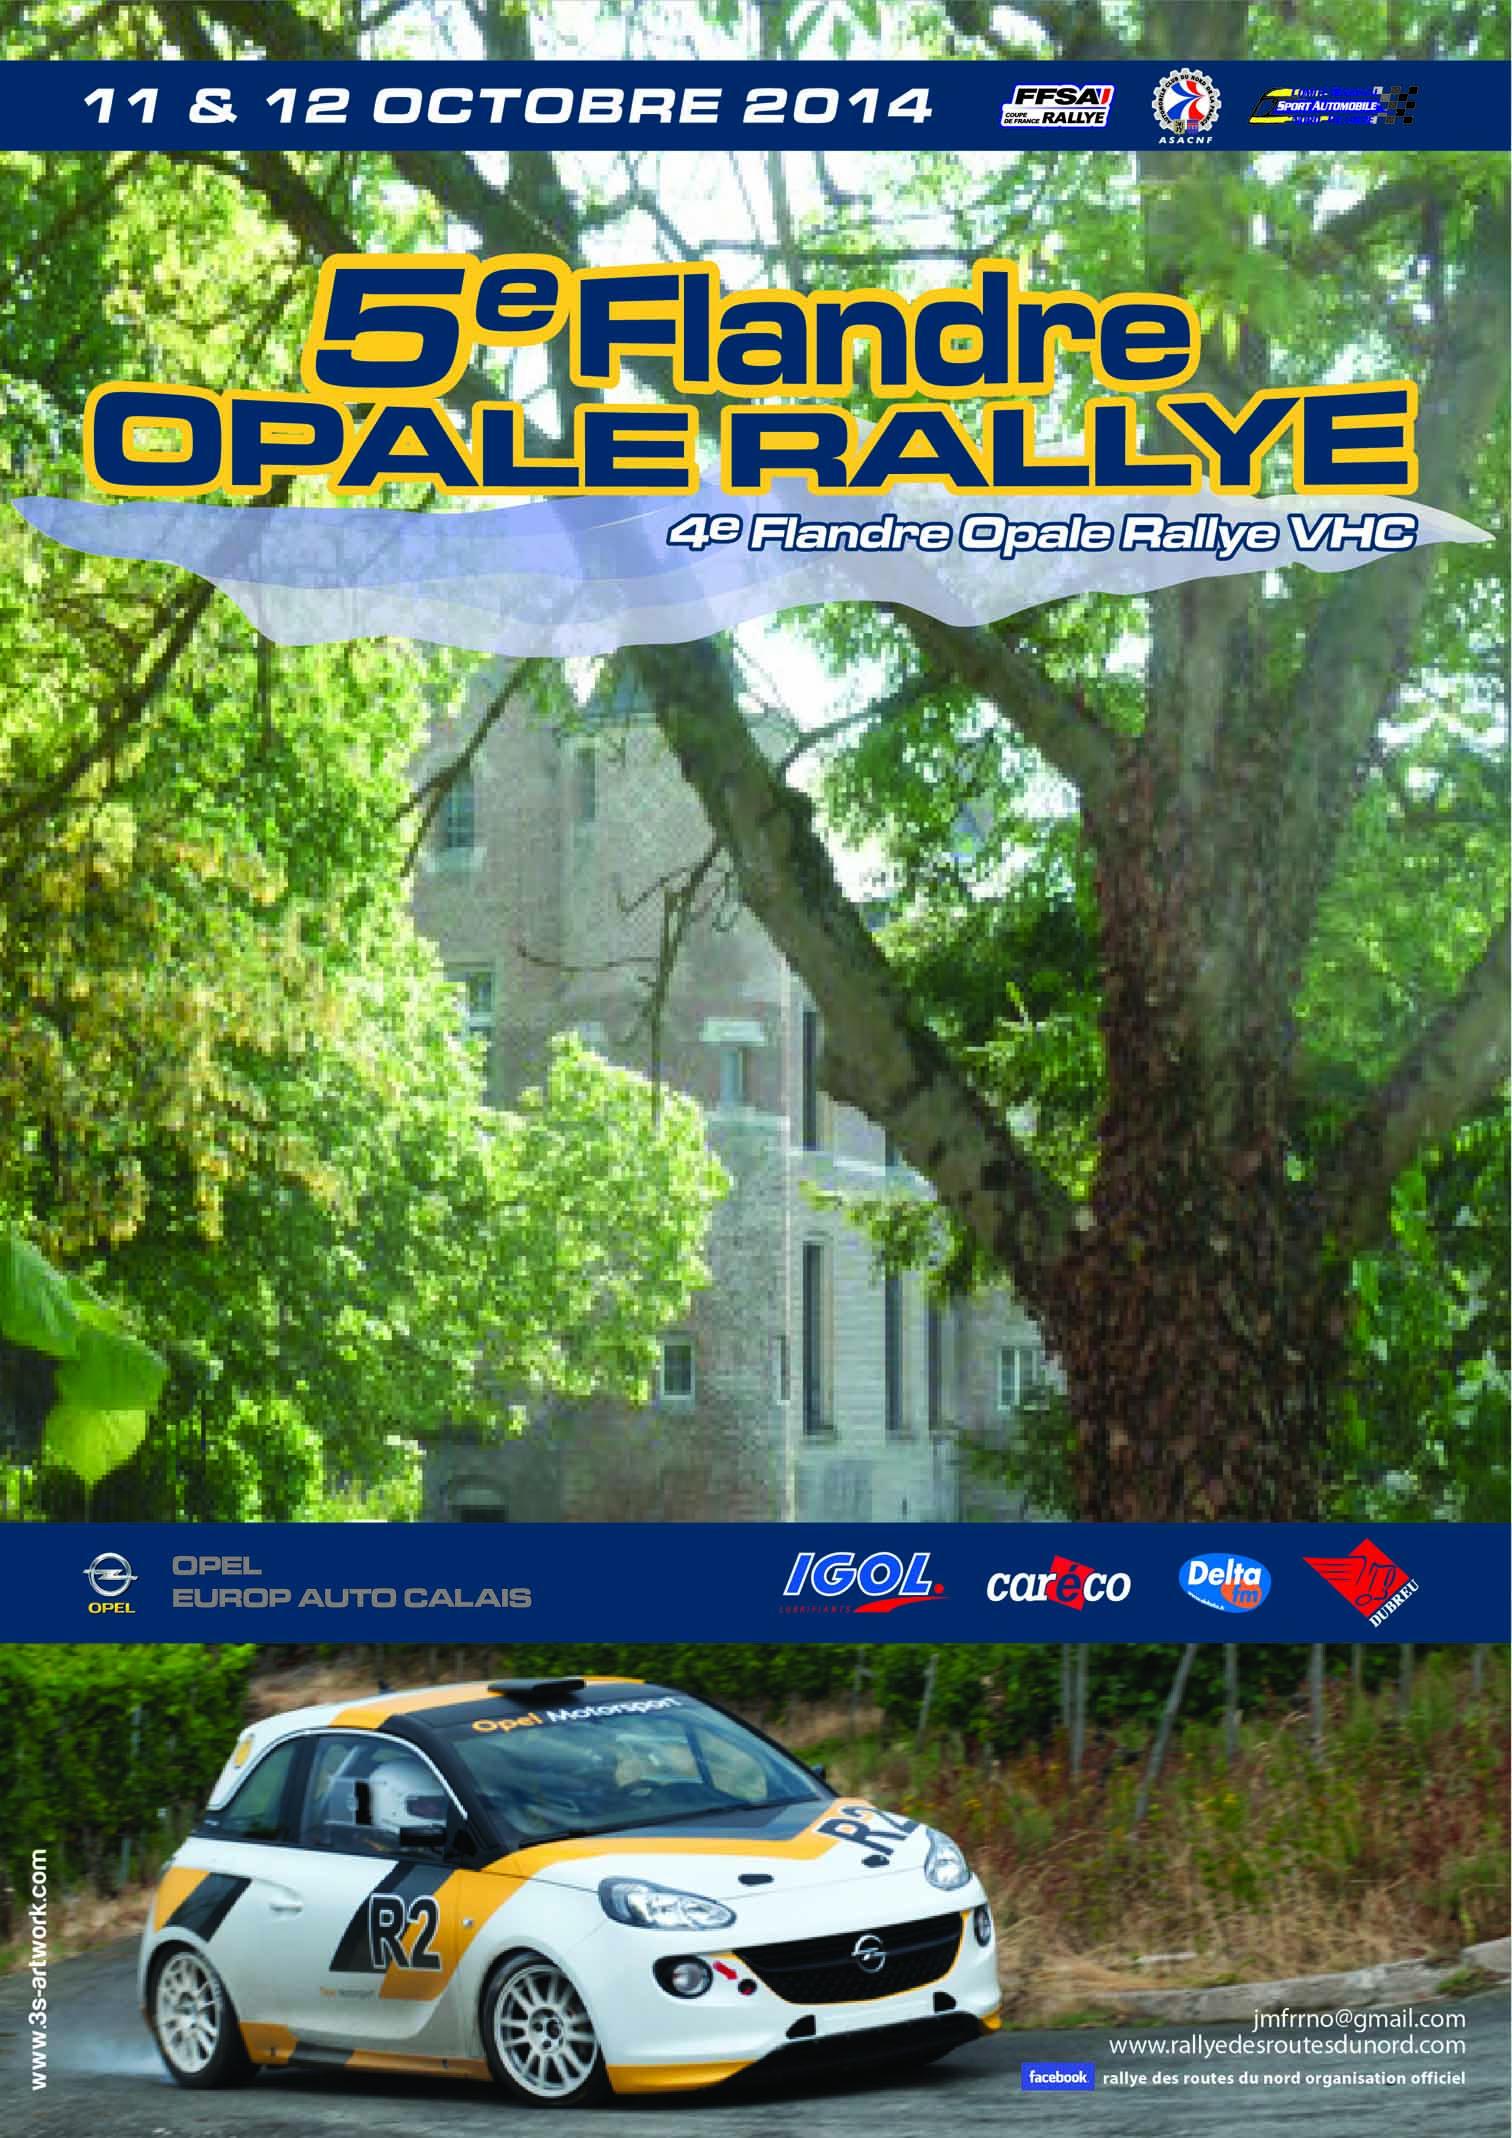 Rallye-Flandre-Opale-2014